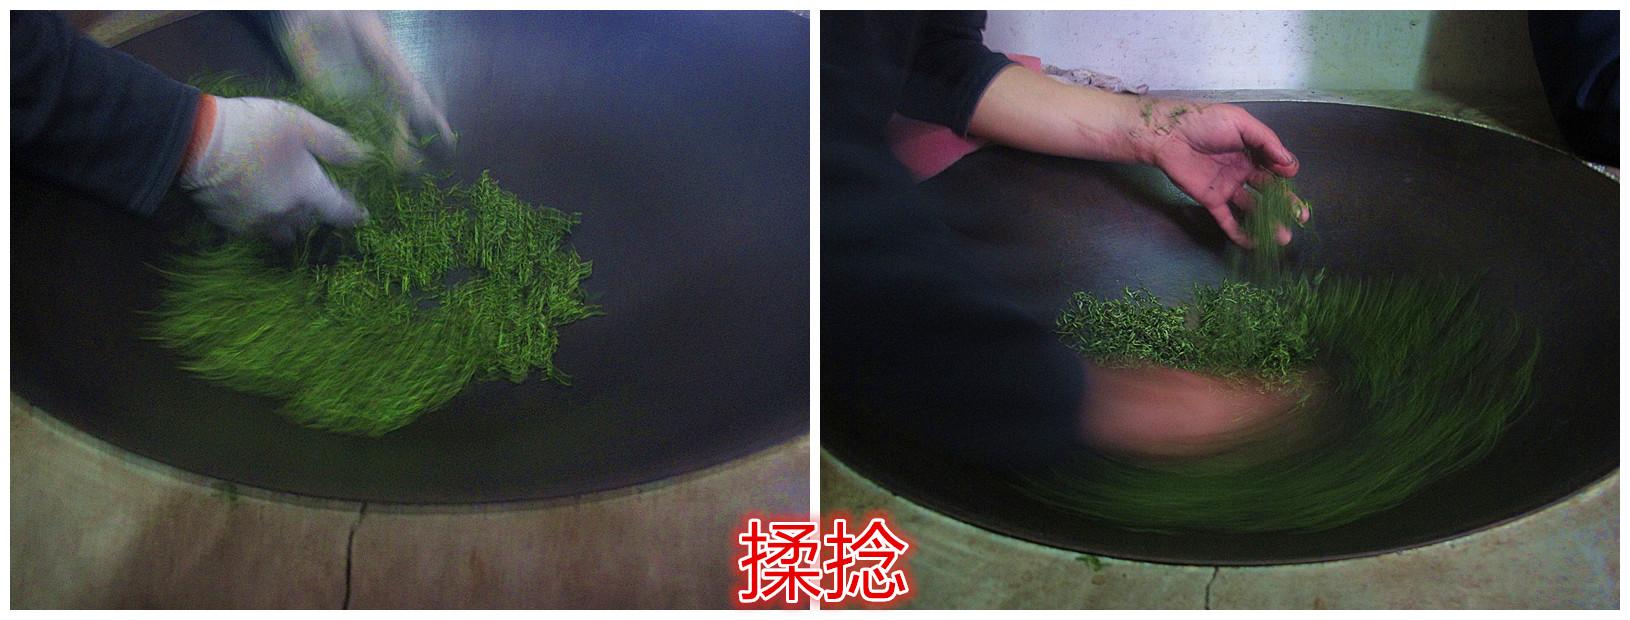 产地茶农如何手工炒制碧螺春